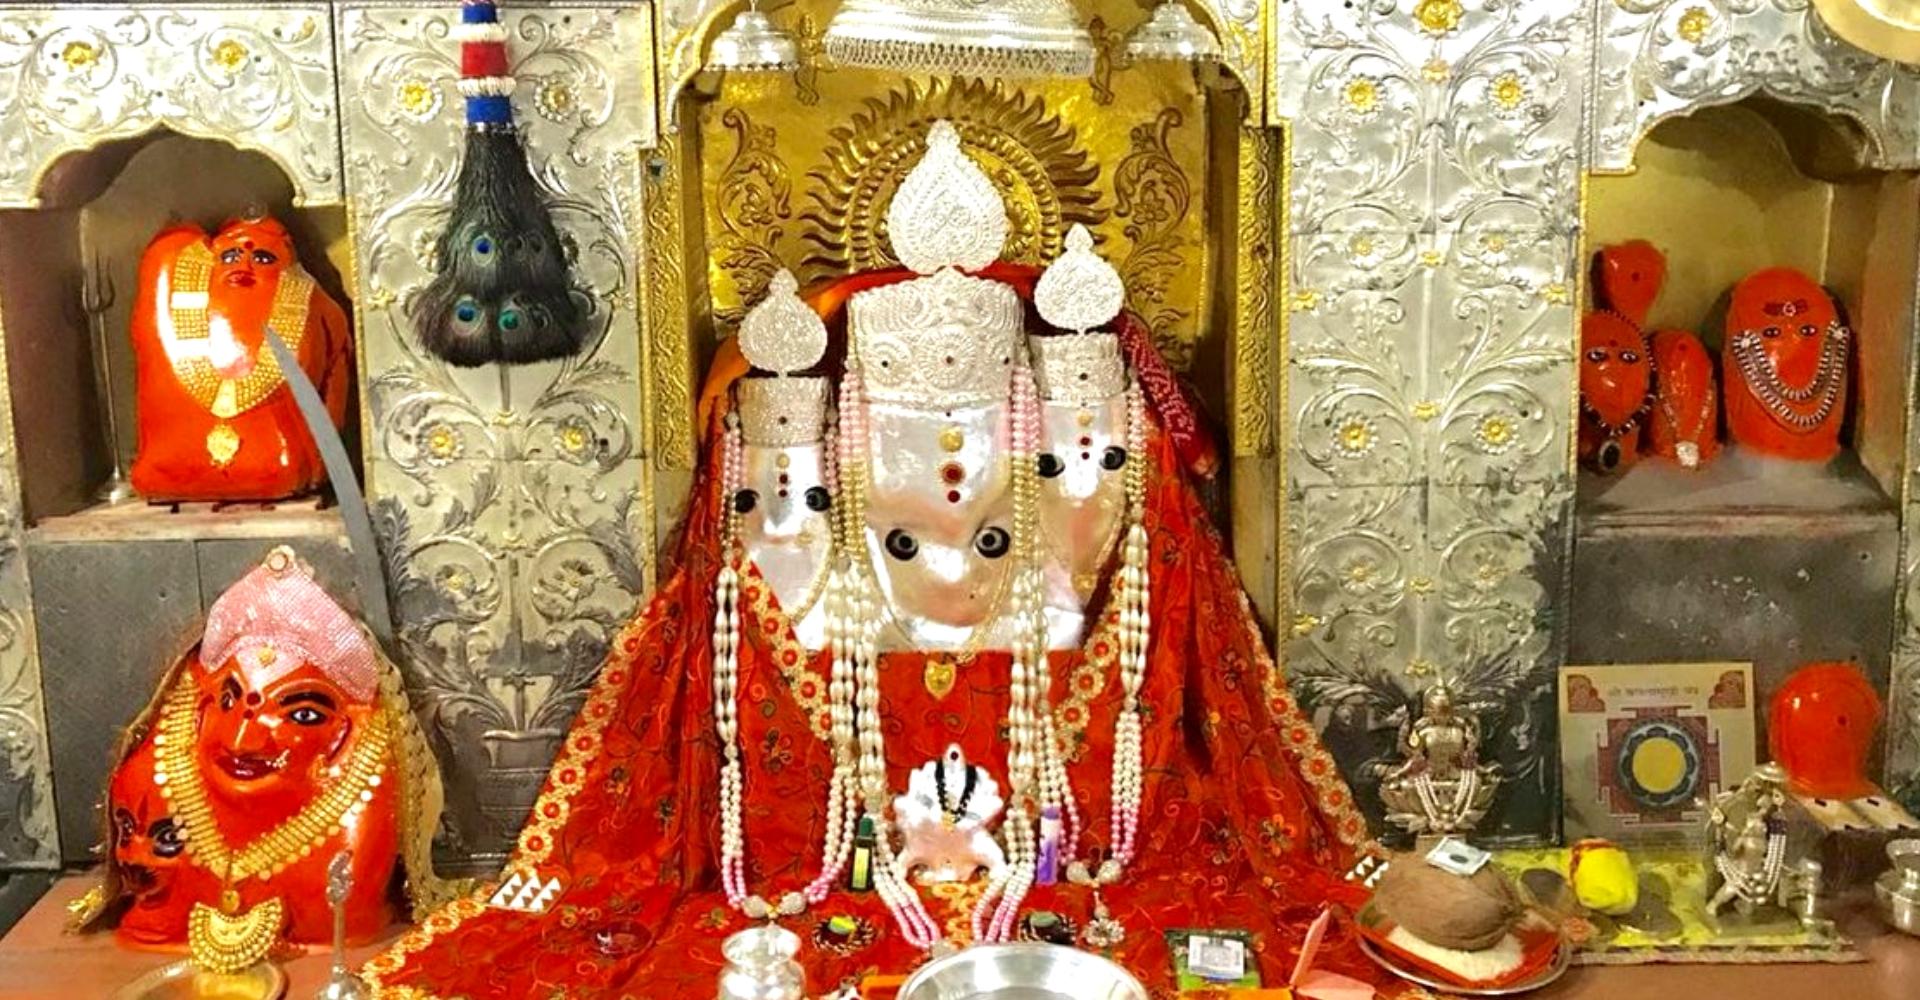 Puja at Baglamukhi Mandir